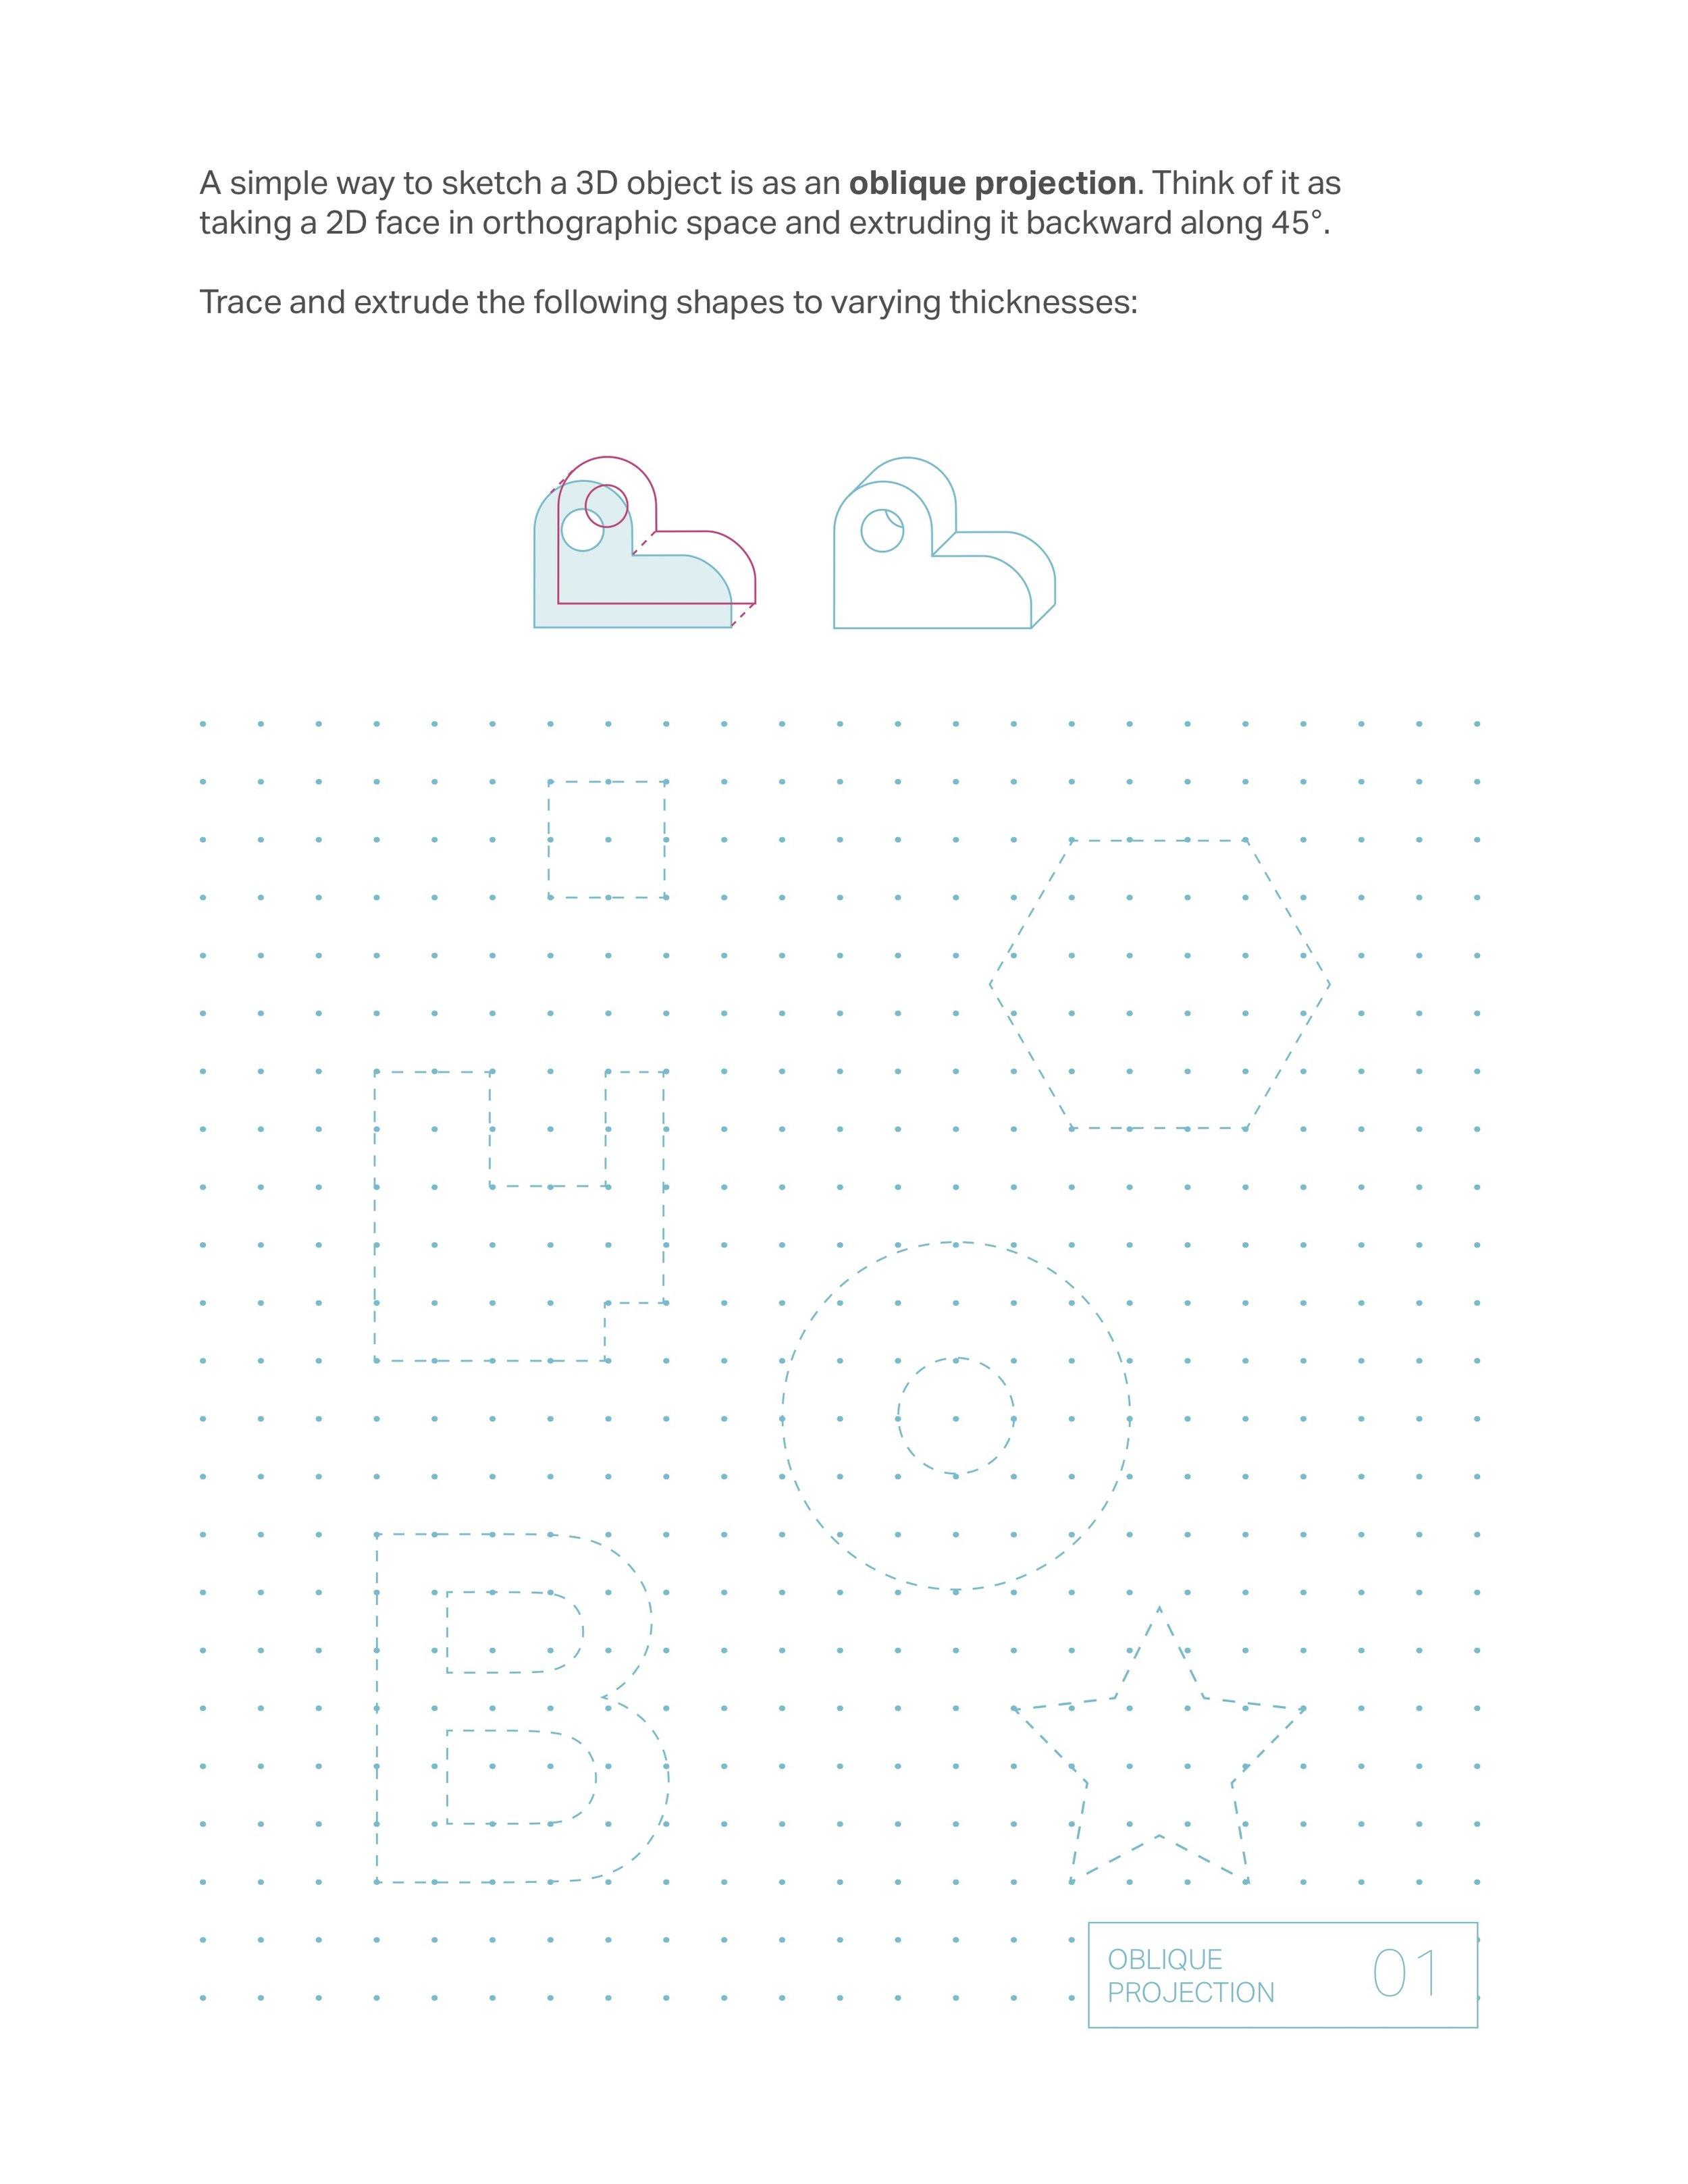 DrawingWorkshop_Workbook_07312015 (1)6.jpg